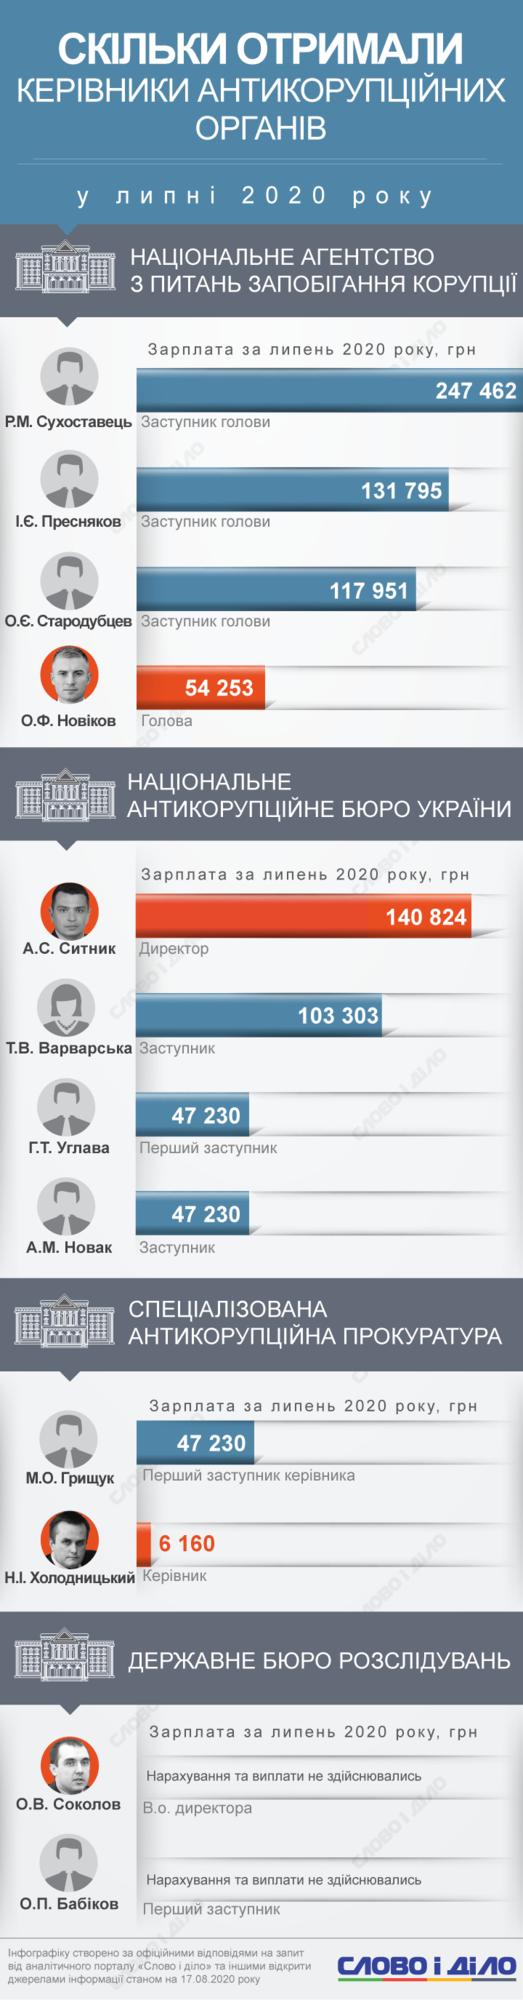 117033-1_ru_normal.png